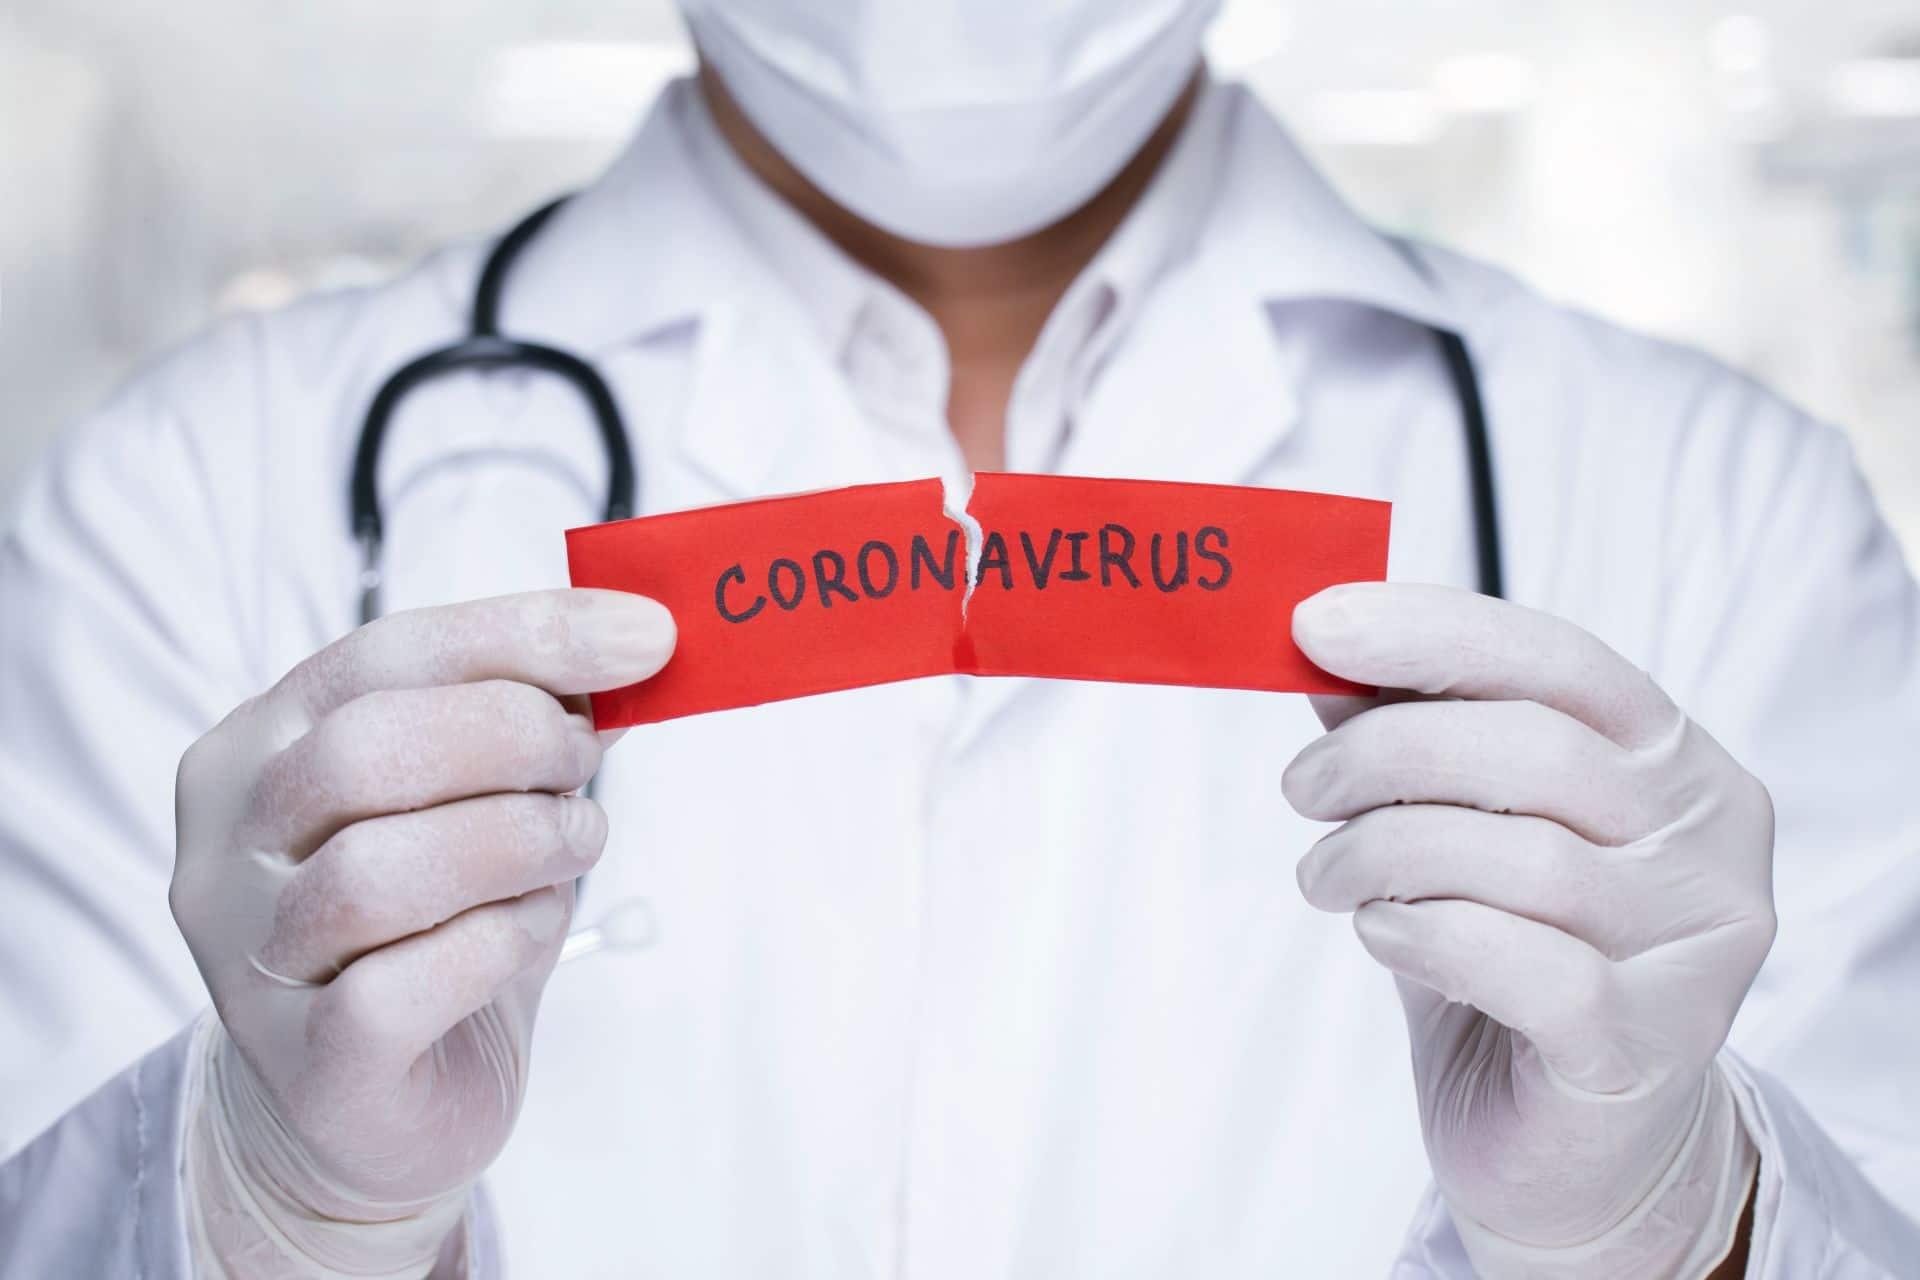 Coronavirus: Herausforderung für die Elektromobilität / Automobilhersteller